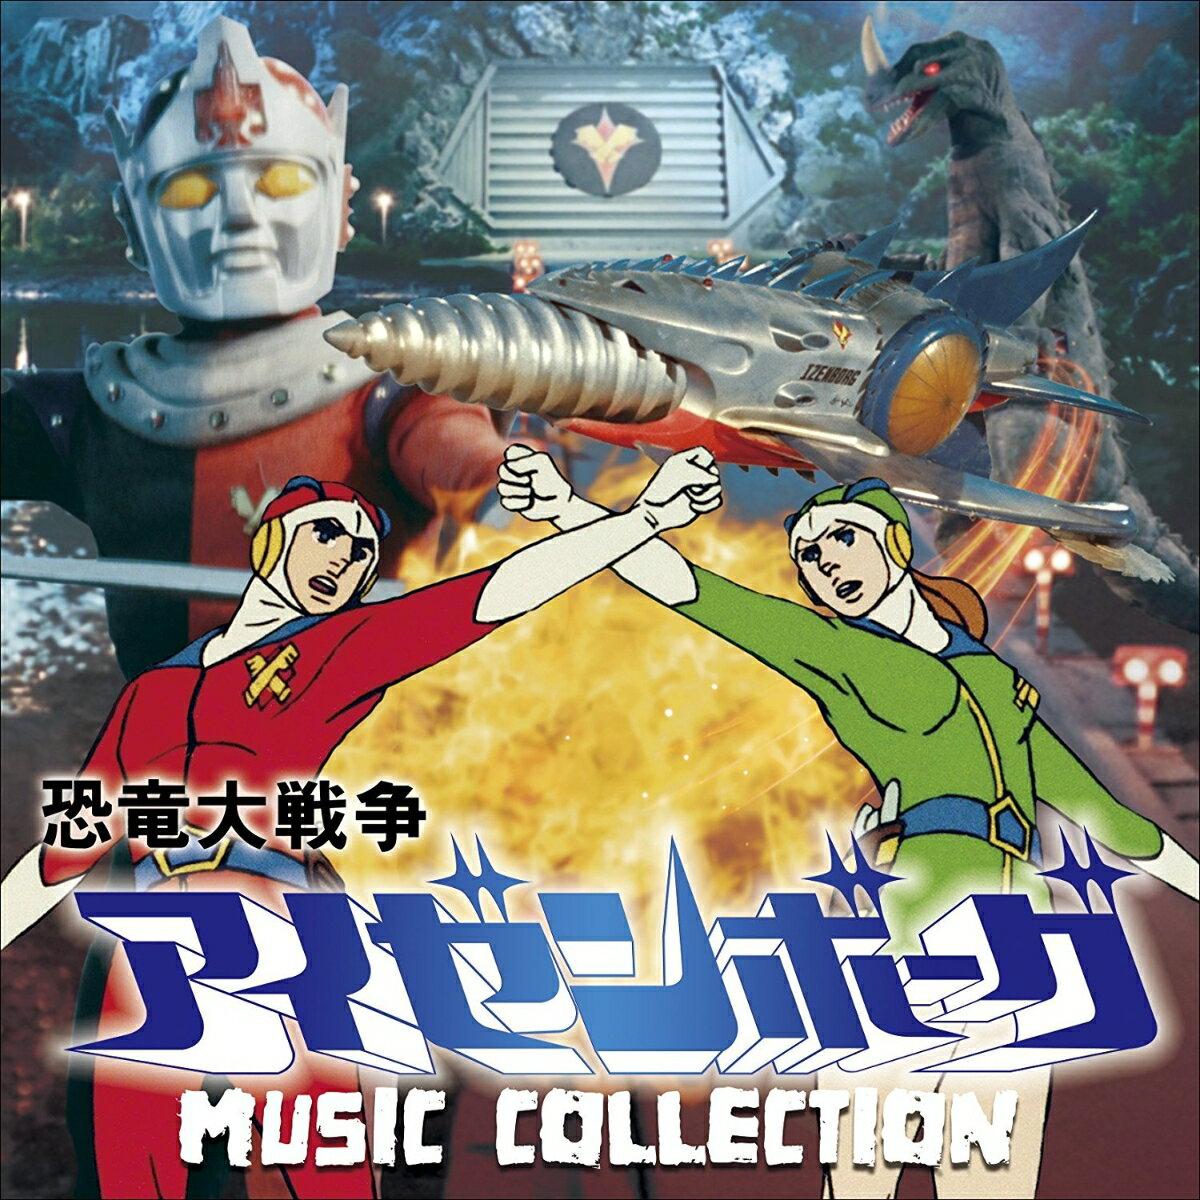 キッズ, 特撮・ヒーロー  MUSIC COLLECTION